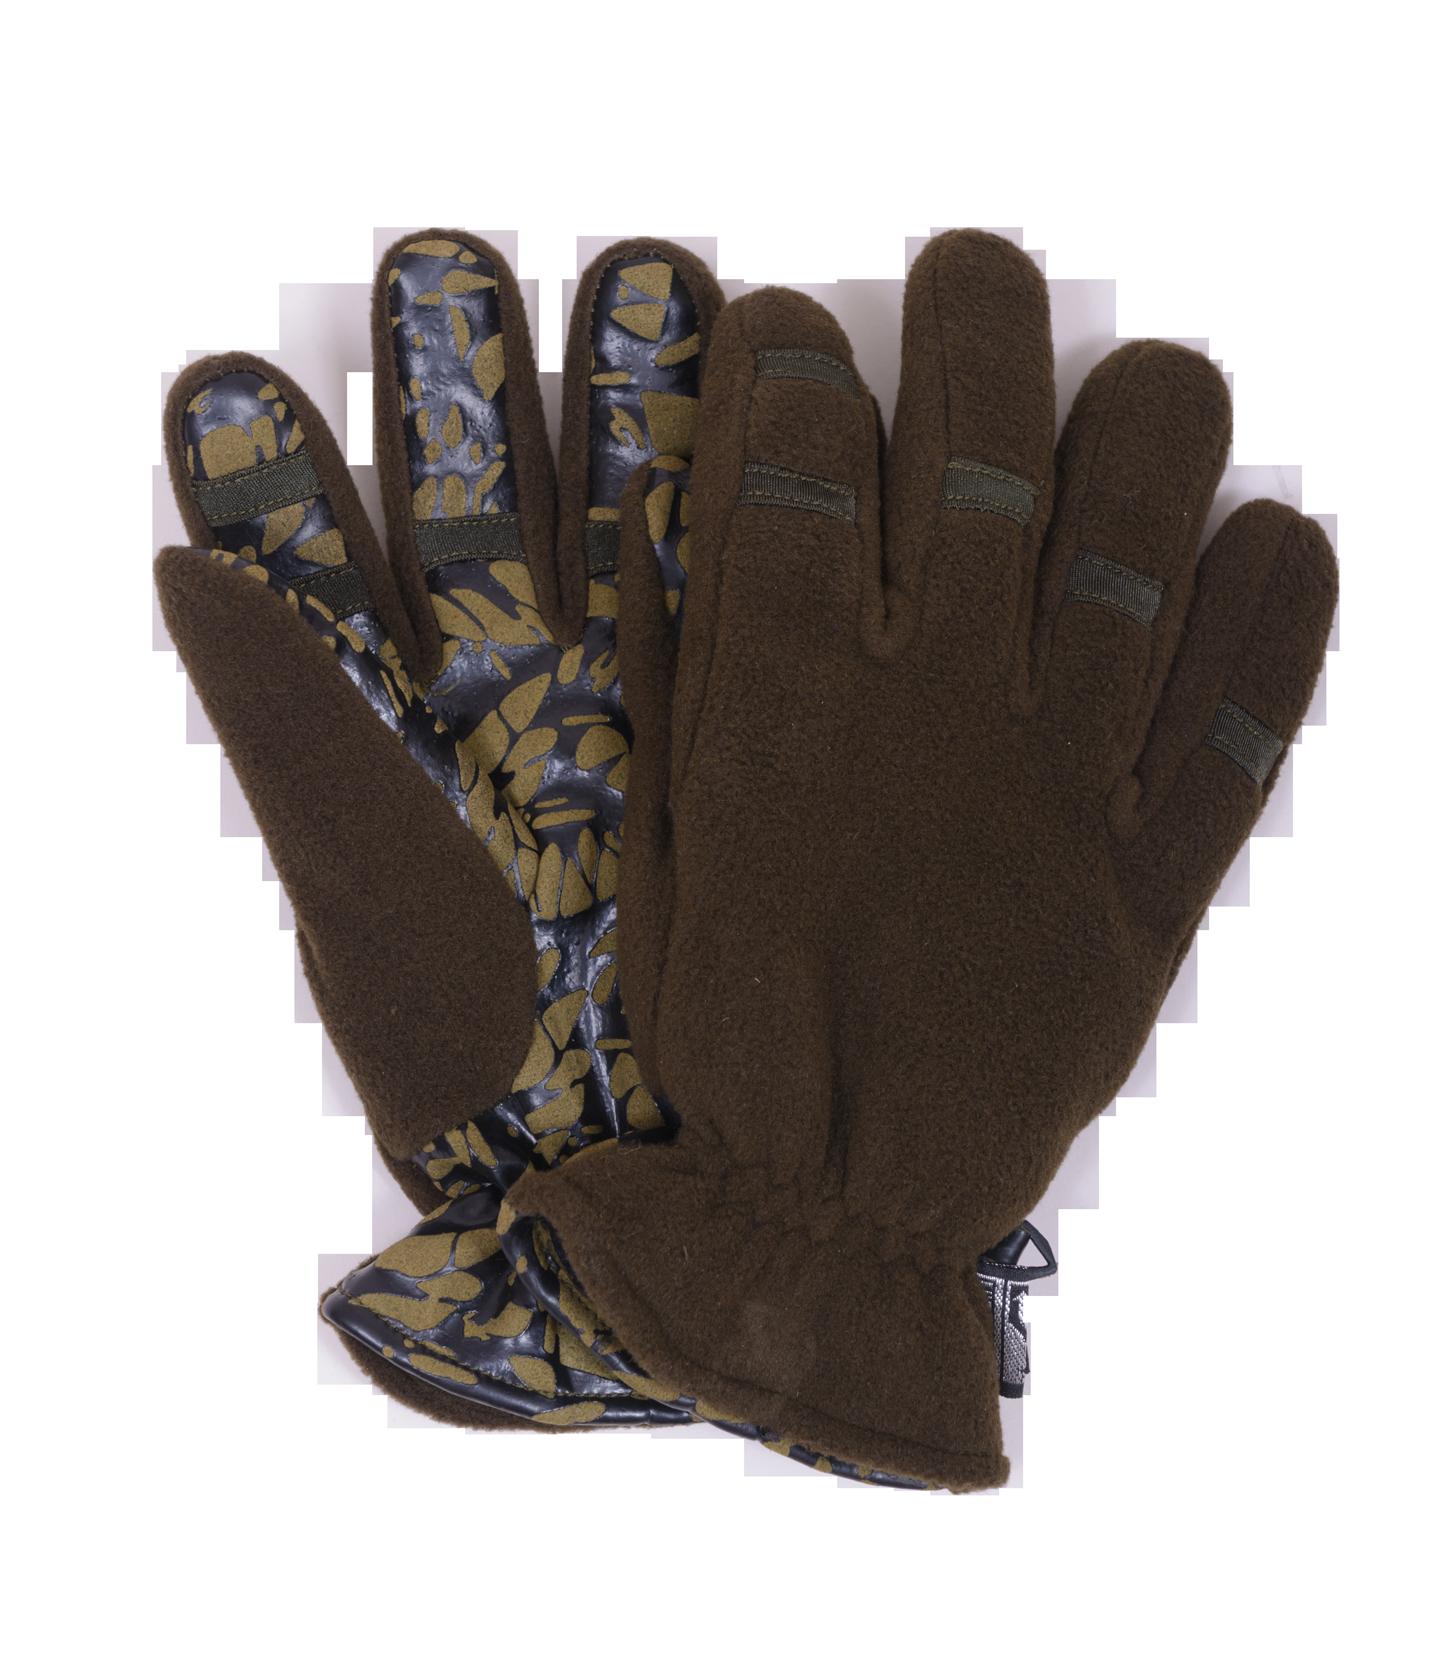 Marston gloves